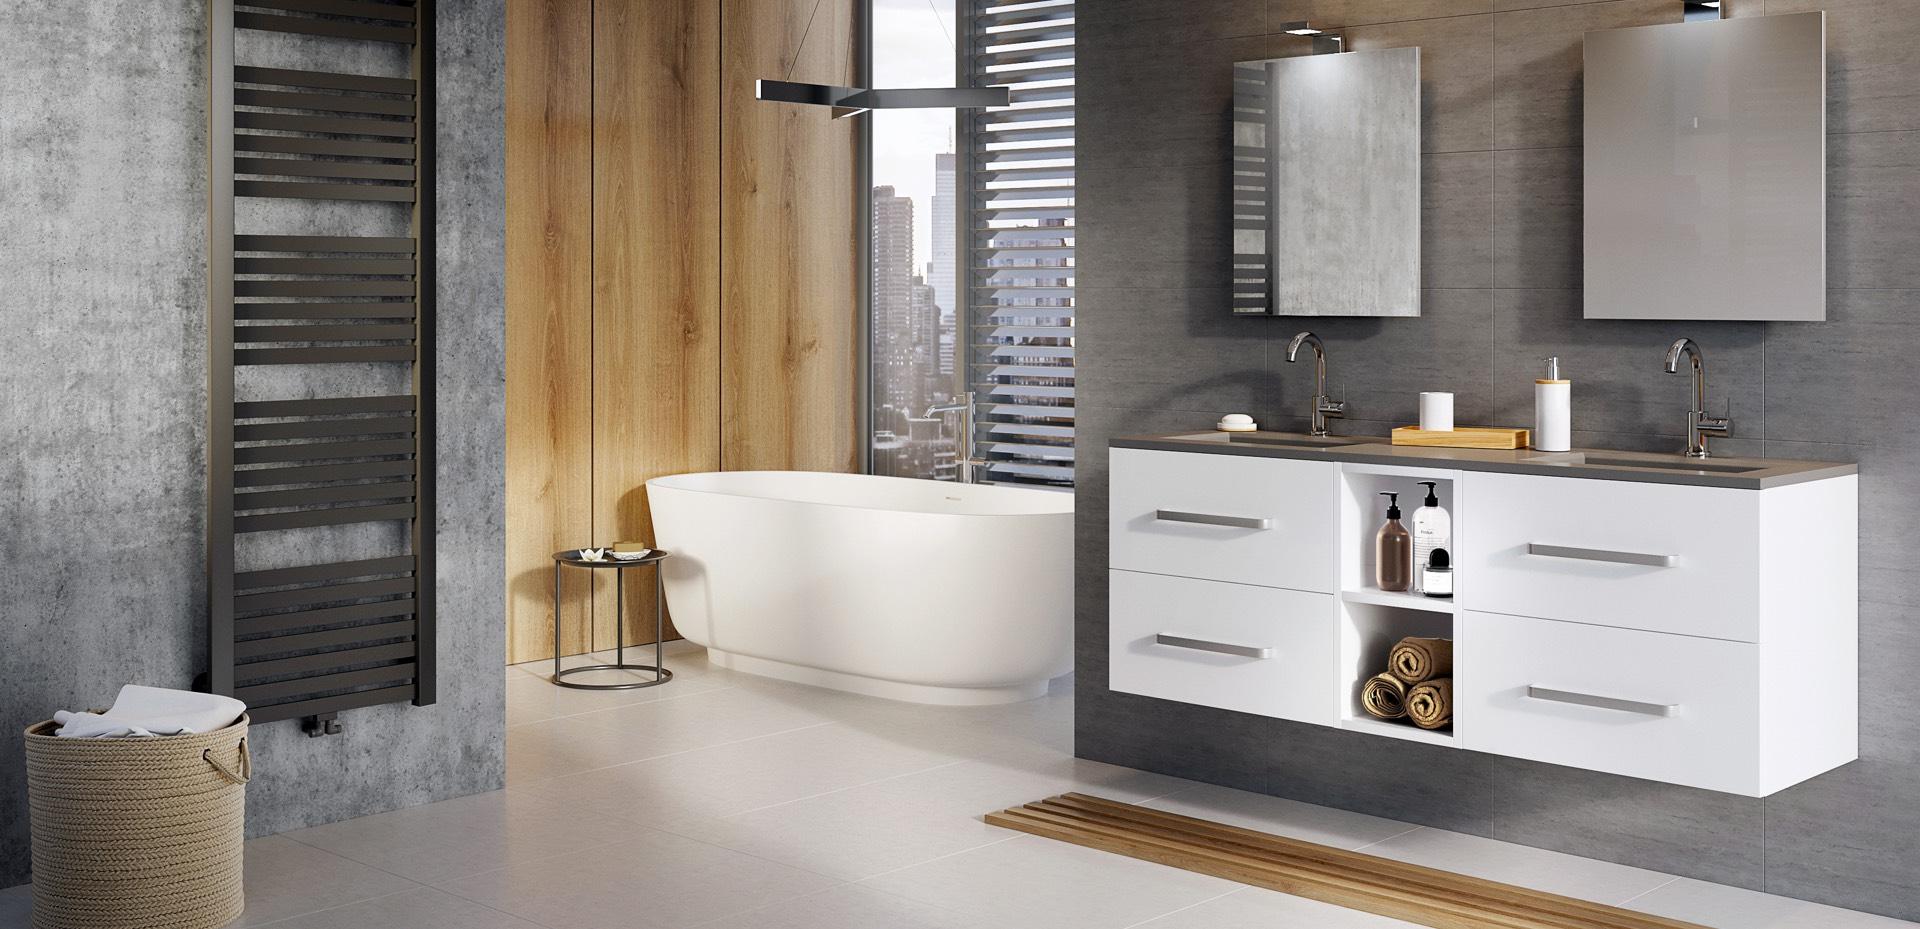 Infinity-met–greep-wit-hoogglans-Levante-wastafel-grijs-mijn-bad-in-stijl